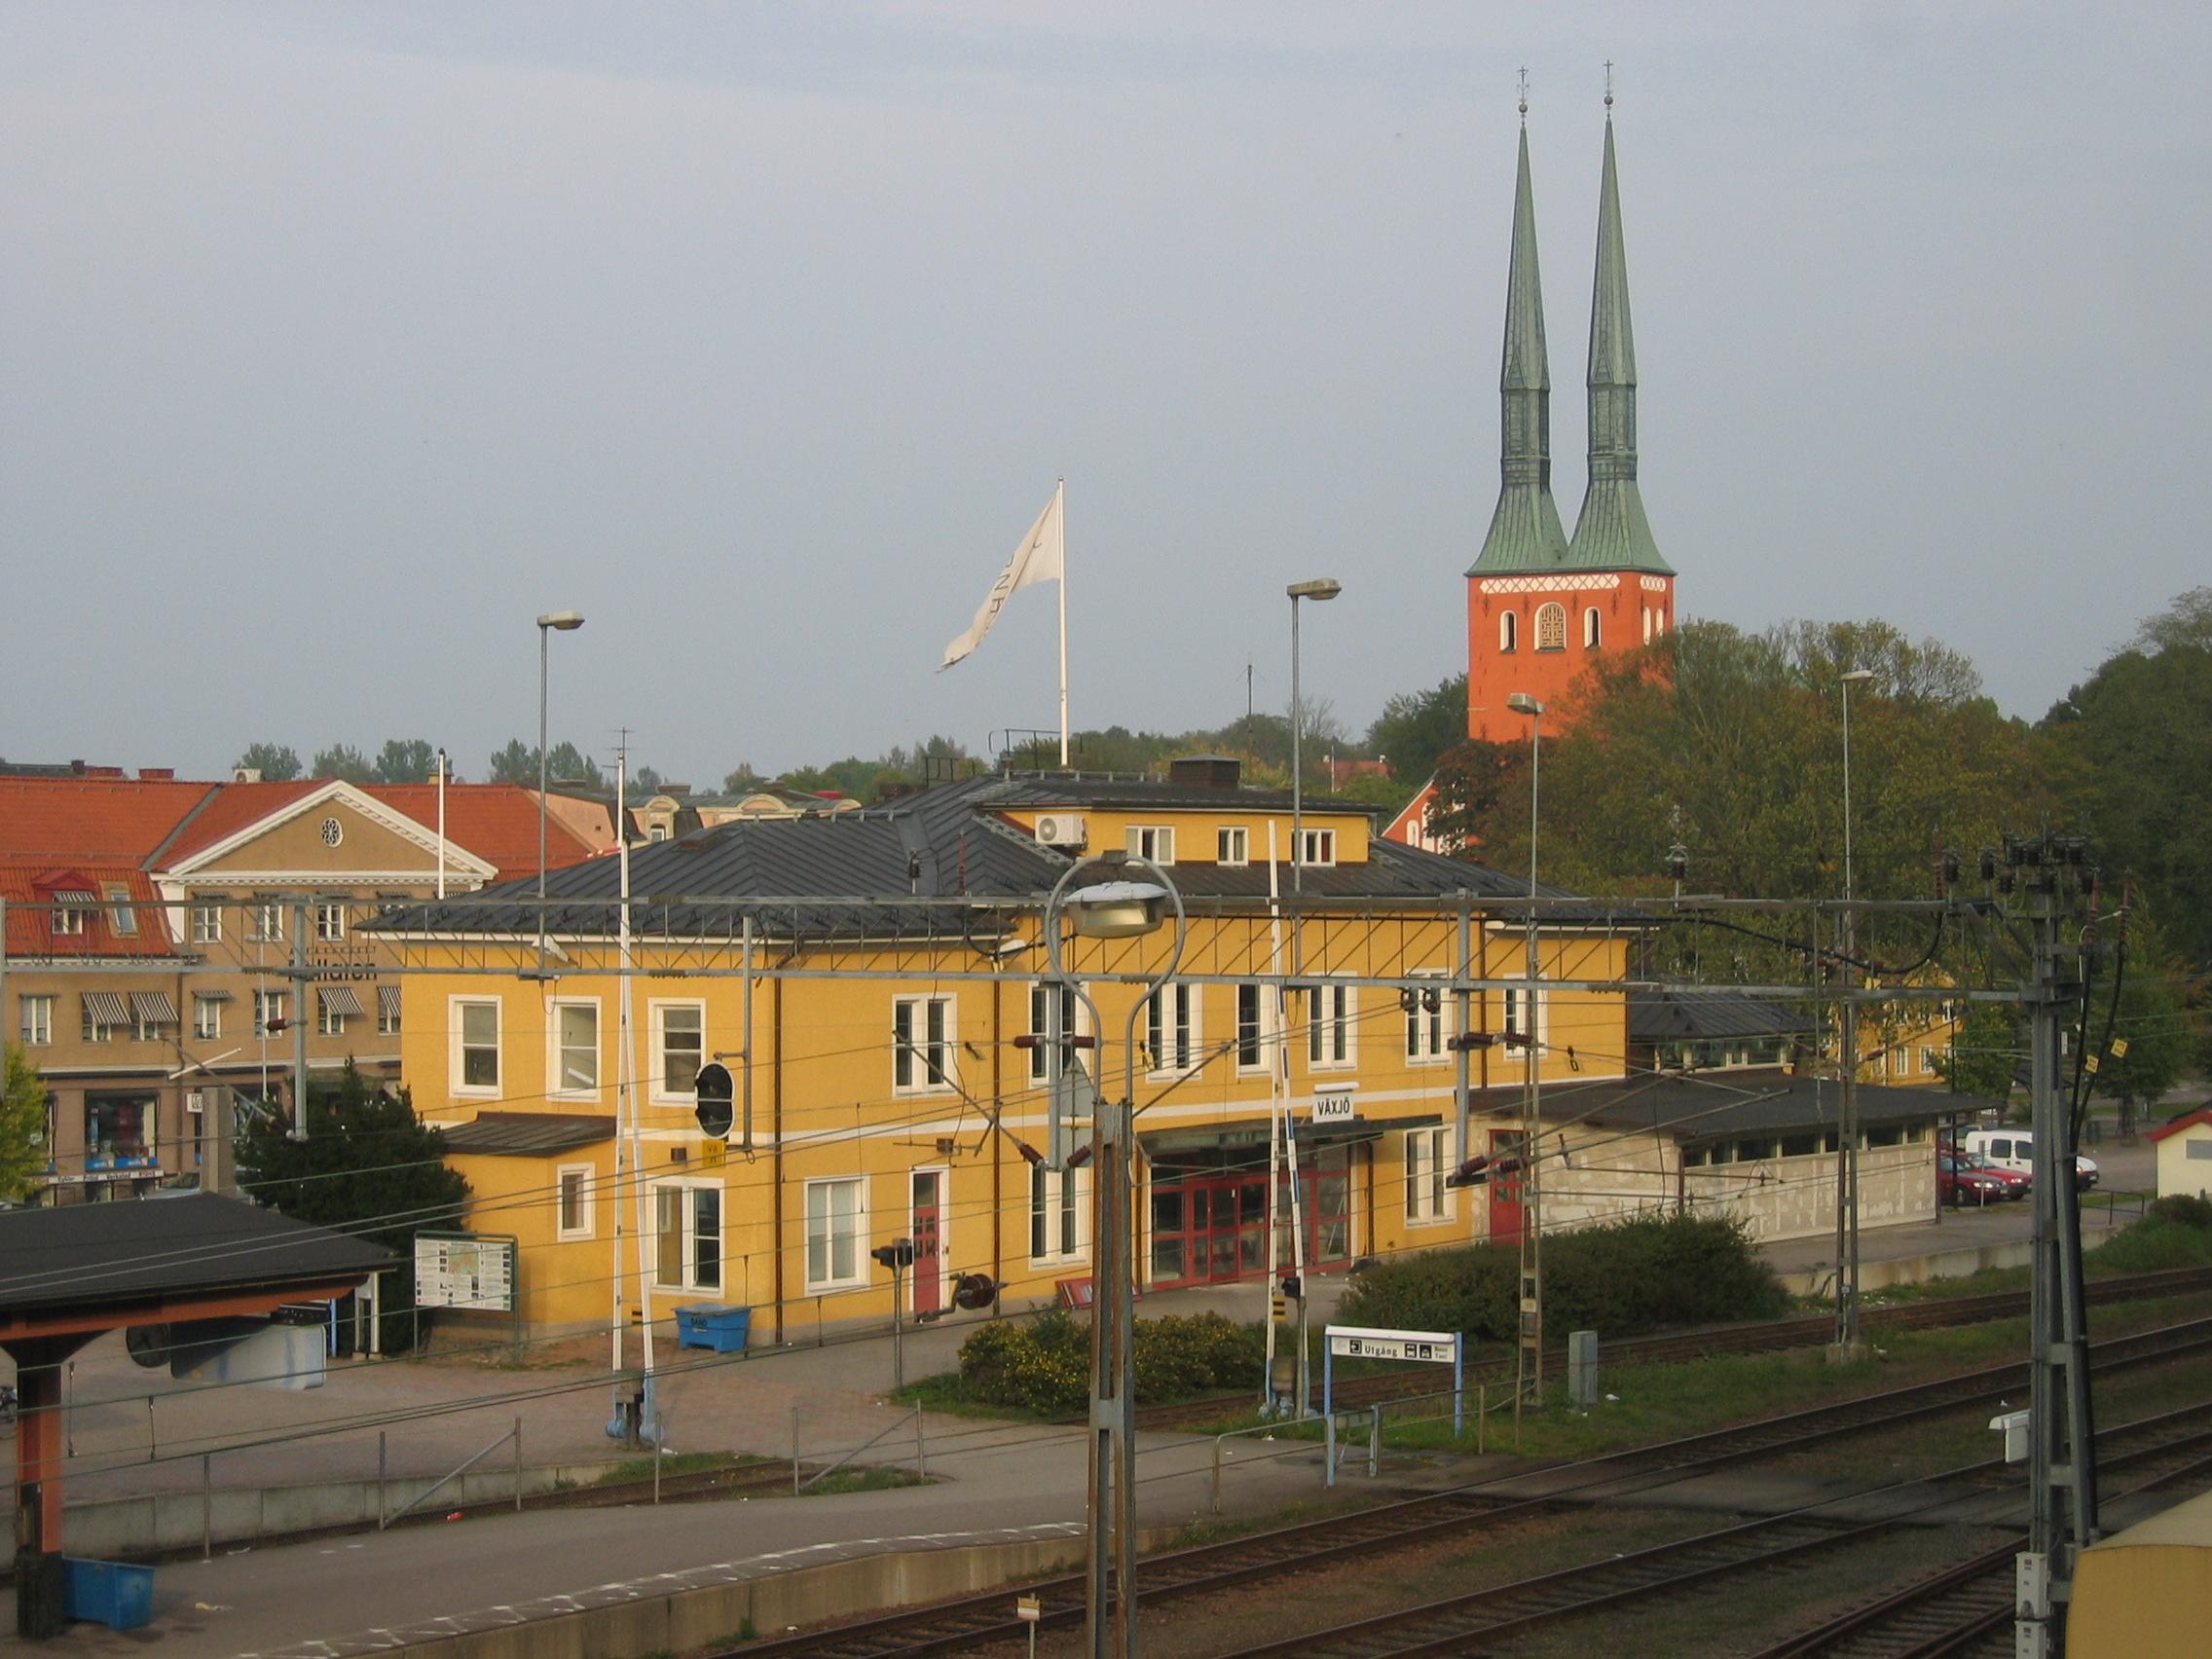 Växjö receives funding to improve public transport